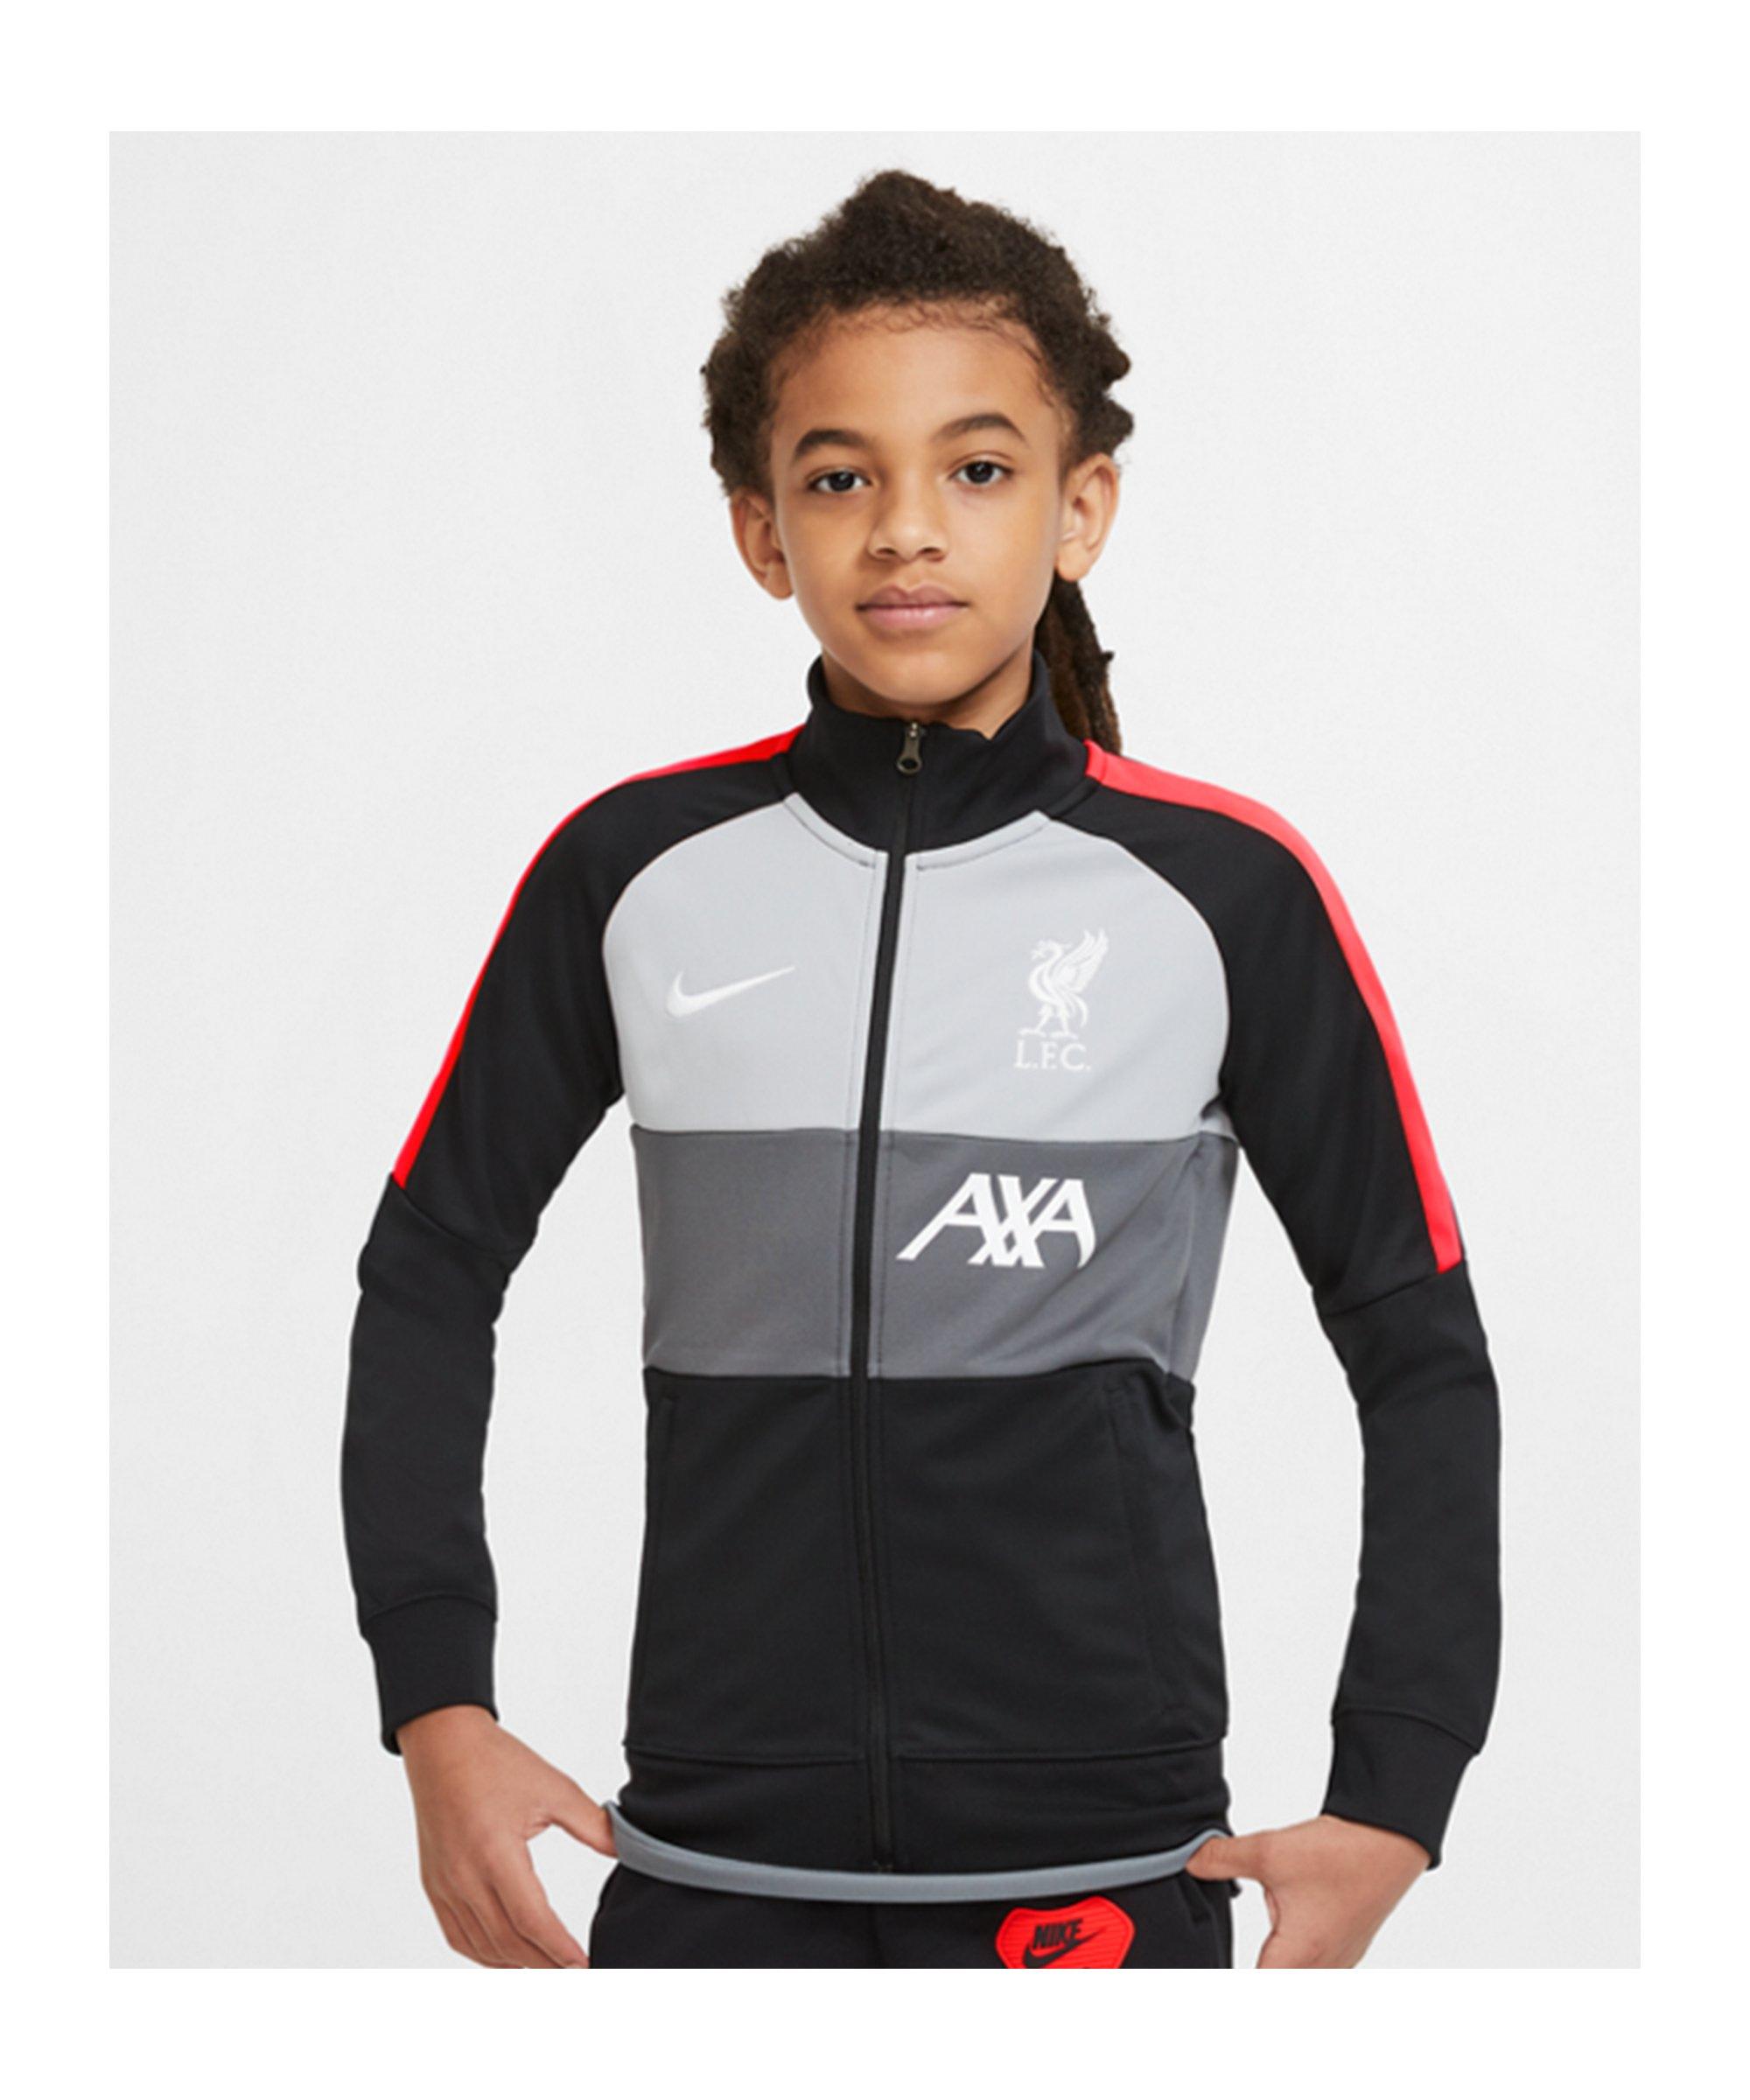 Nike FC Liverpool I96 Anthem Jacke CL Kids F010 - schwarz